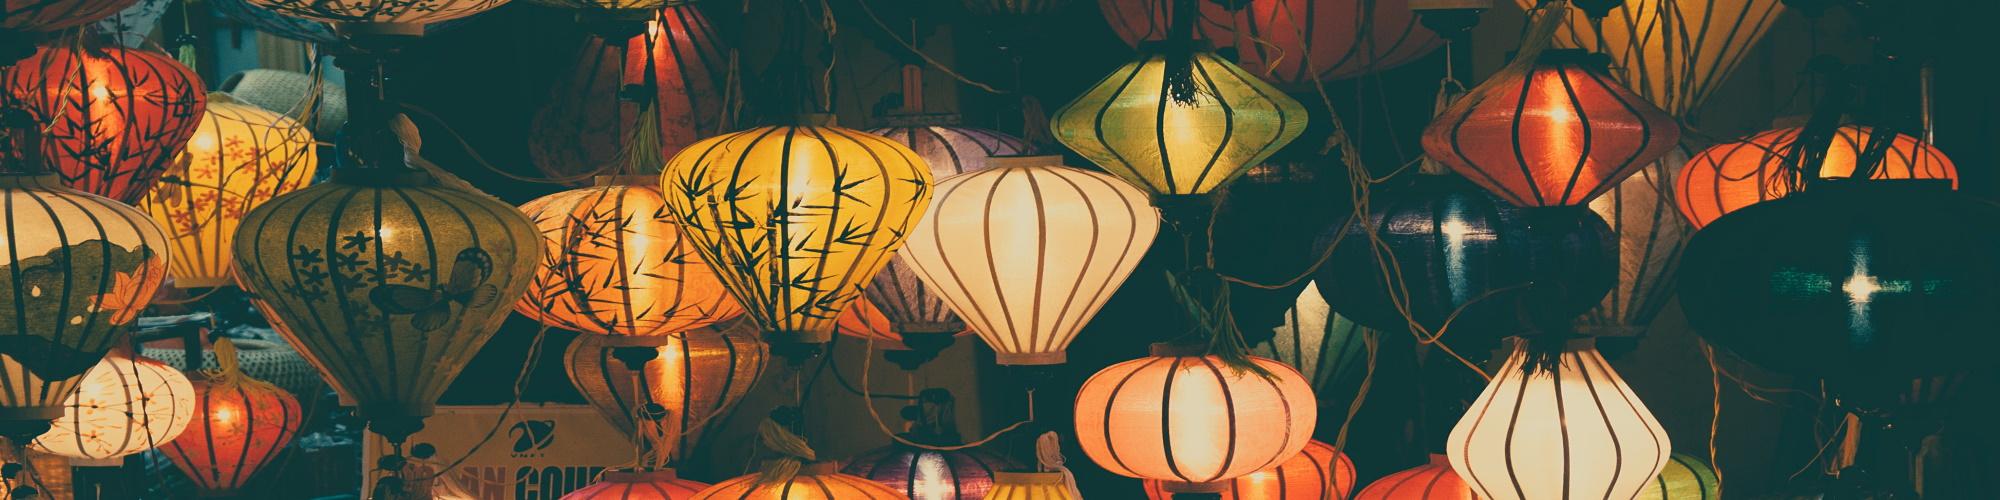 travel in vietnam budget